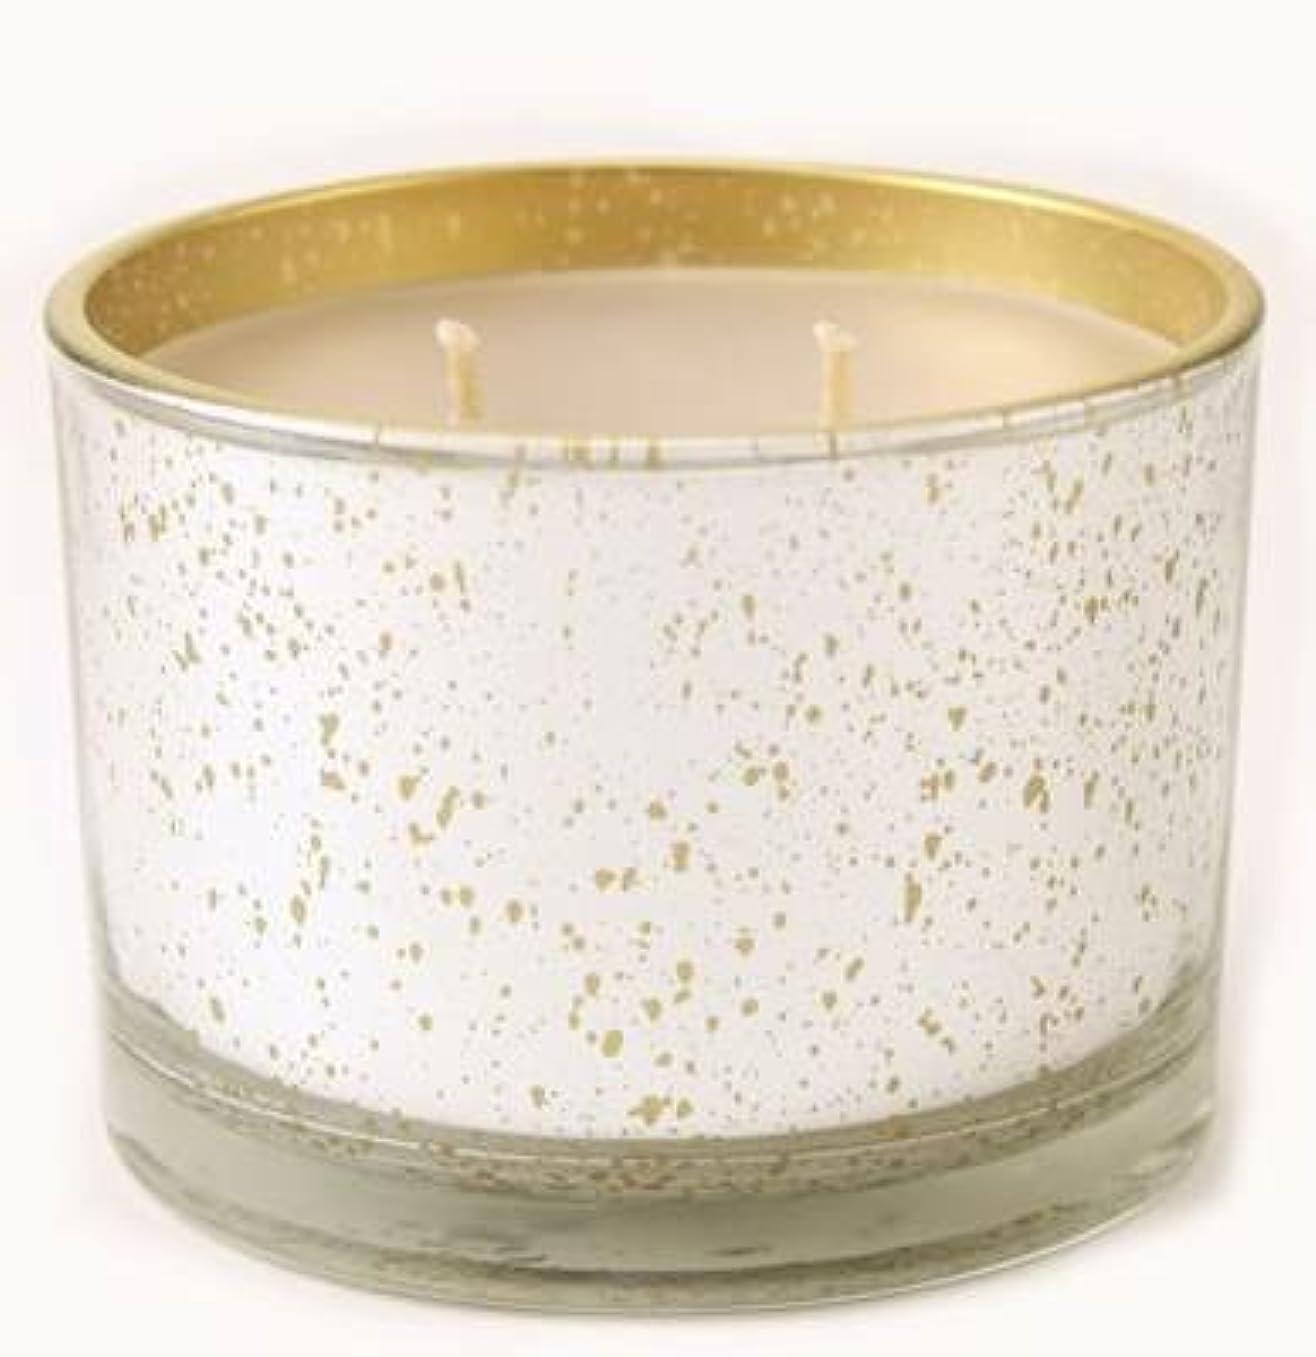 つづり姓プロフェッショナルKathina Tyler Statureプラチナにゴールド16oz香りつきJar Candle